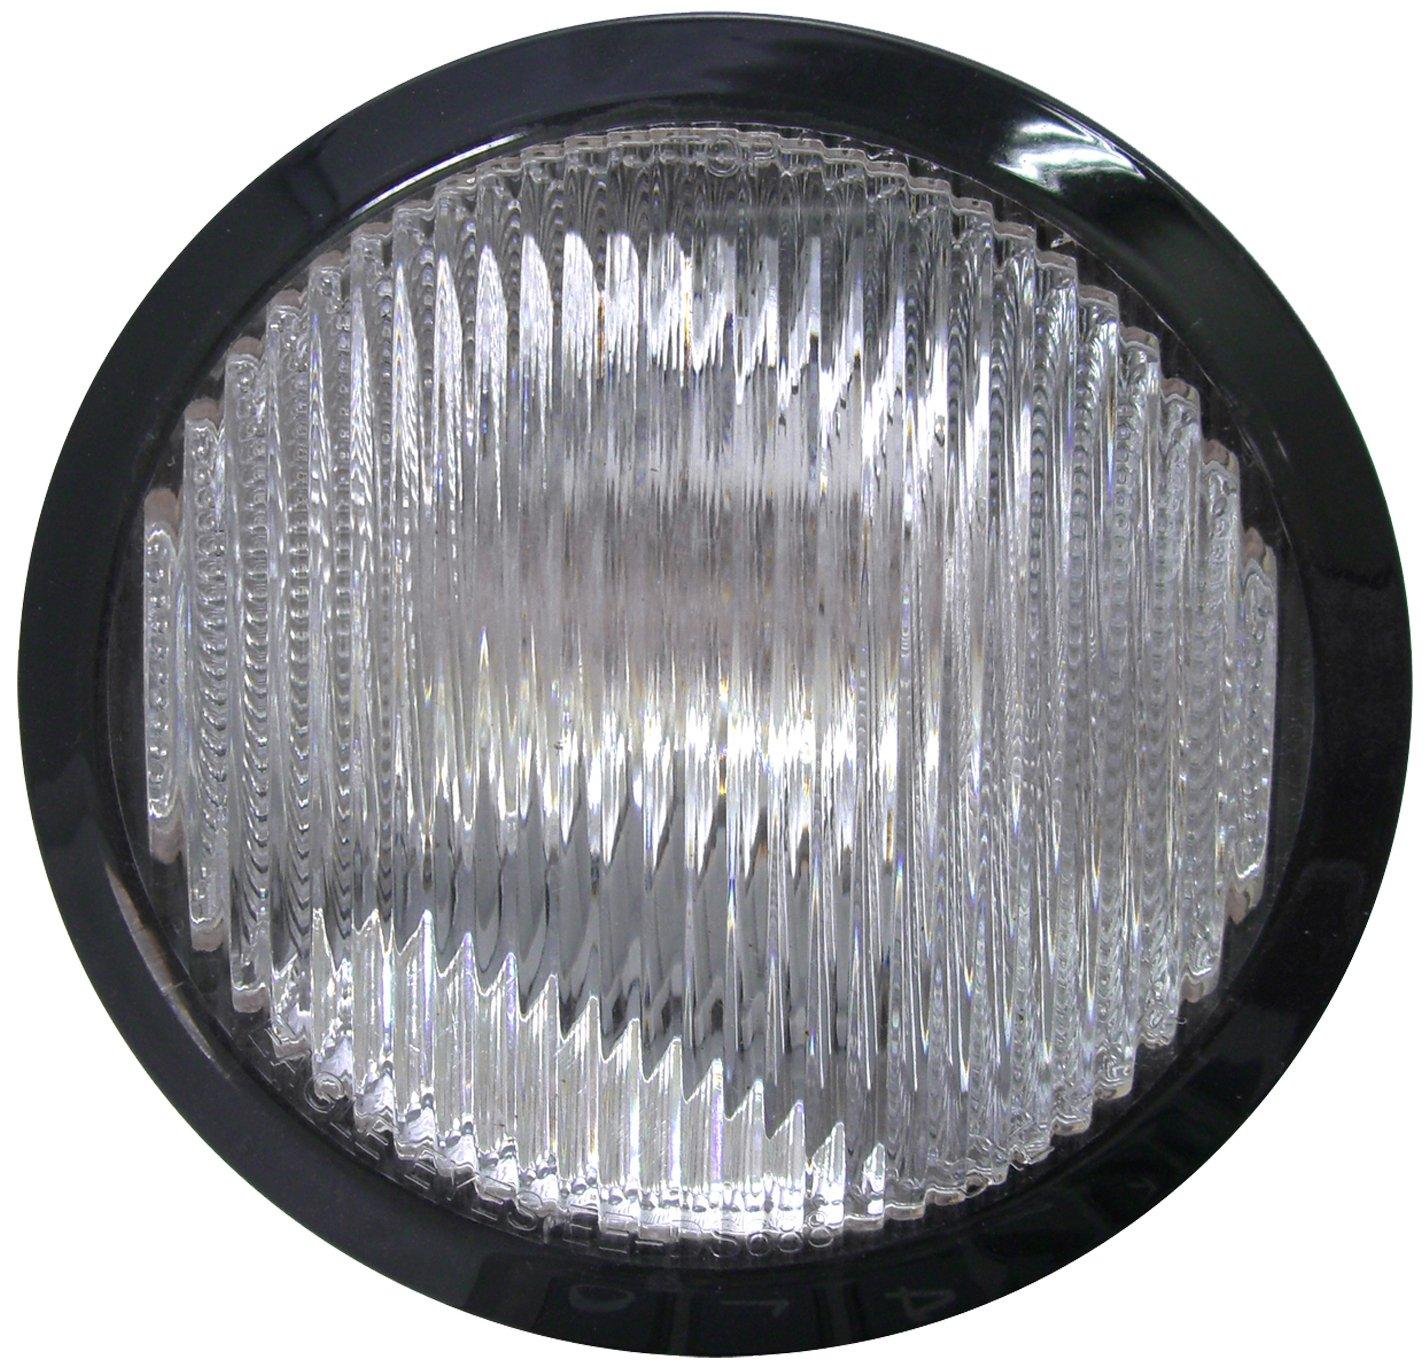 Dorman 1631255 Passenger Side Fog Light Assembly for Select Nissan Models